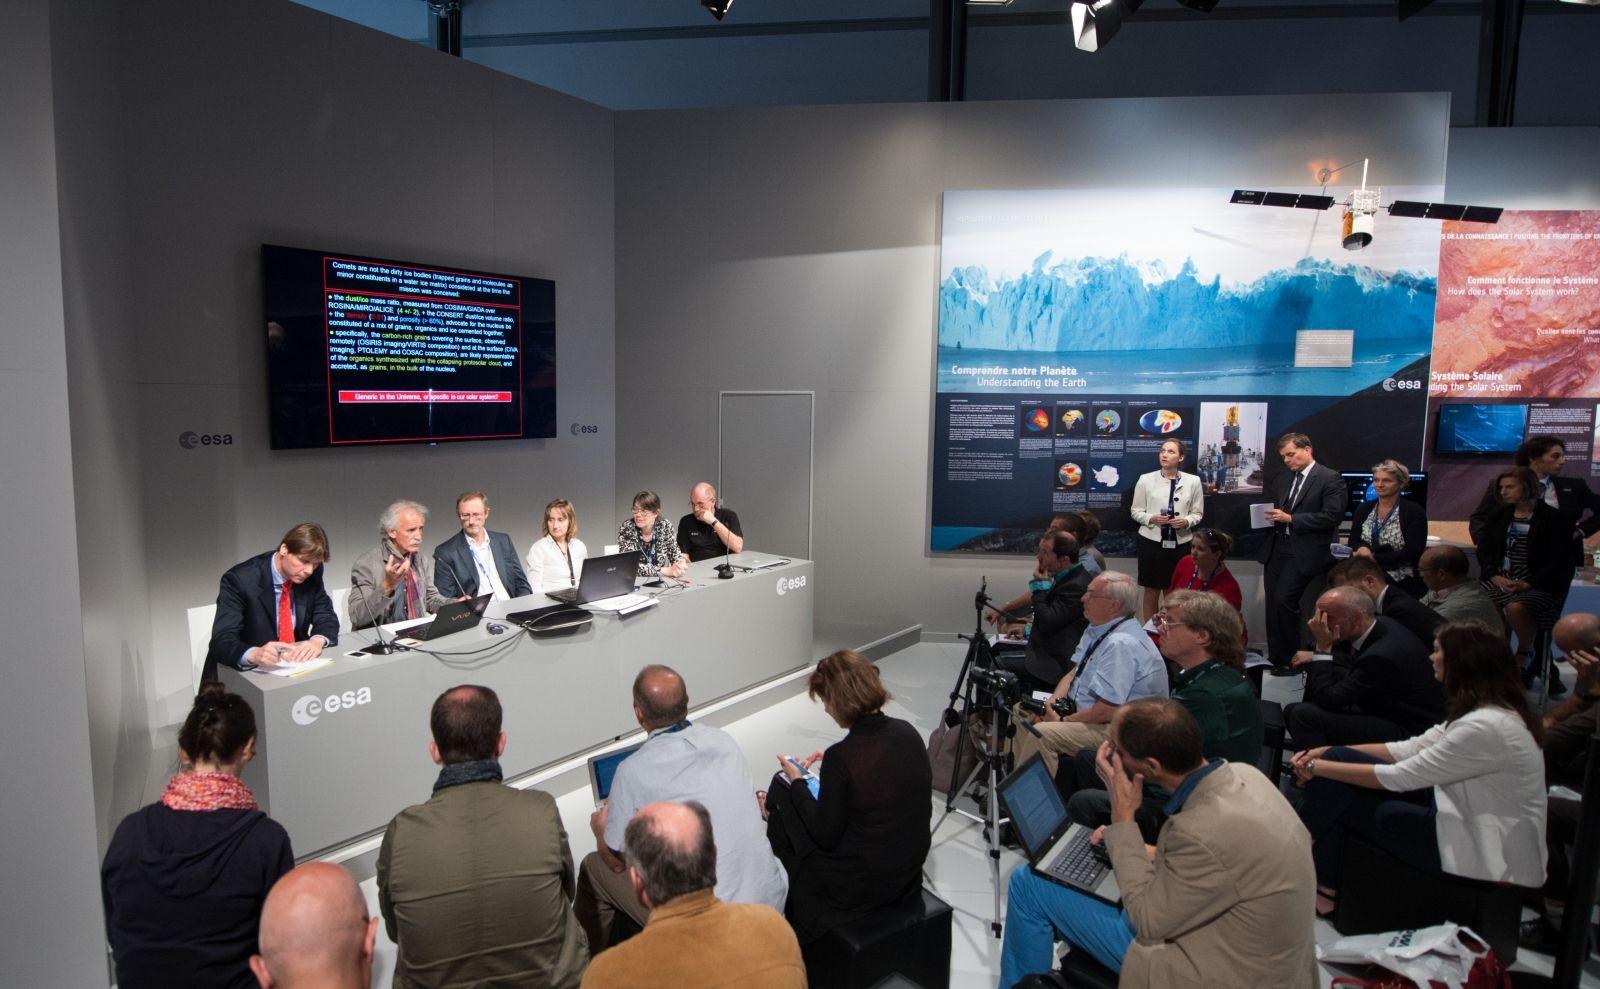 Rosetta Philae briefing